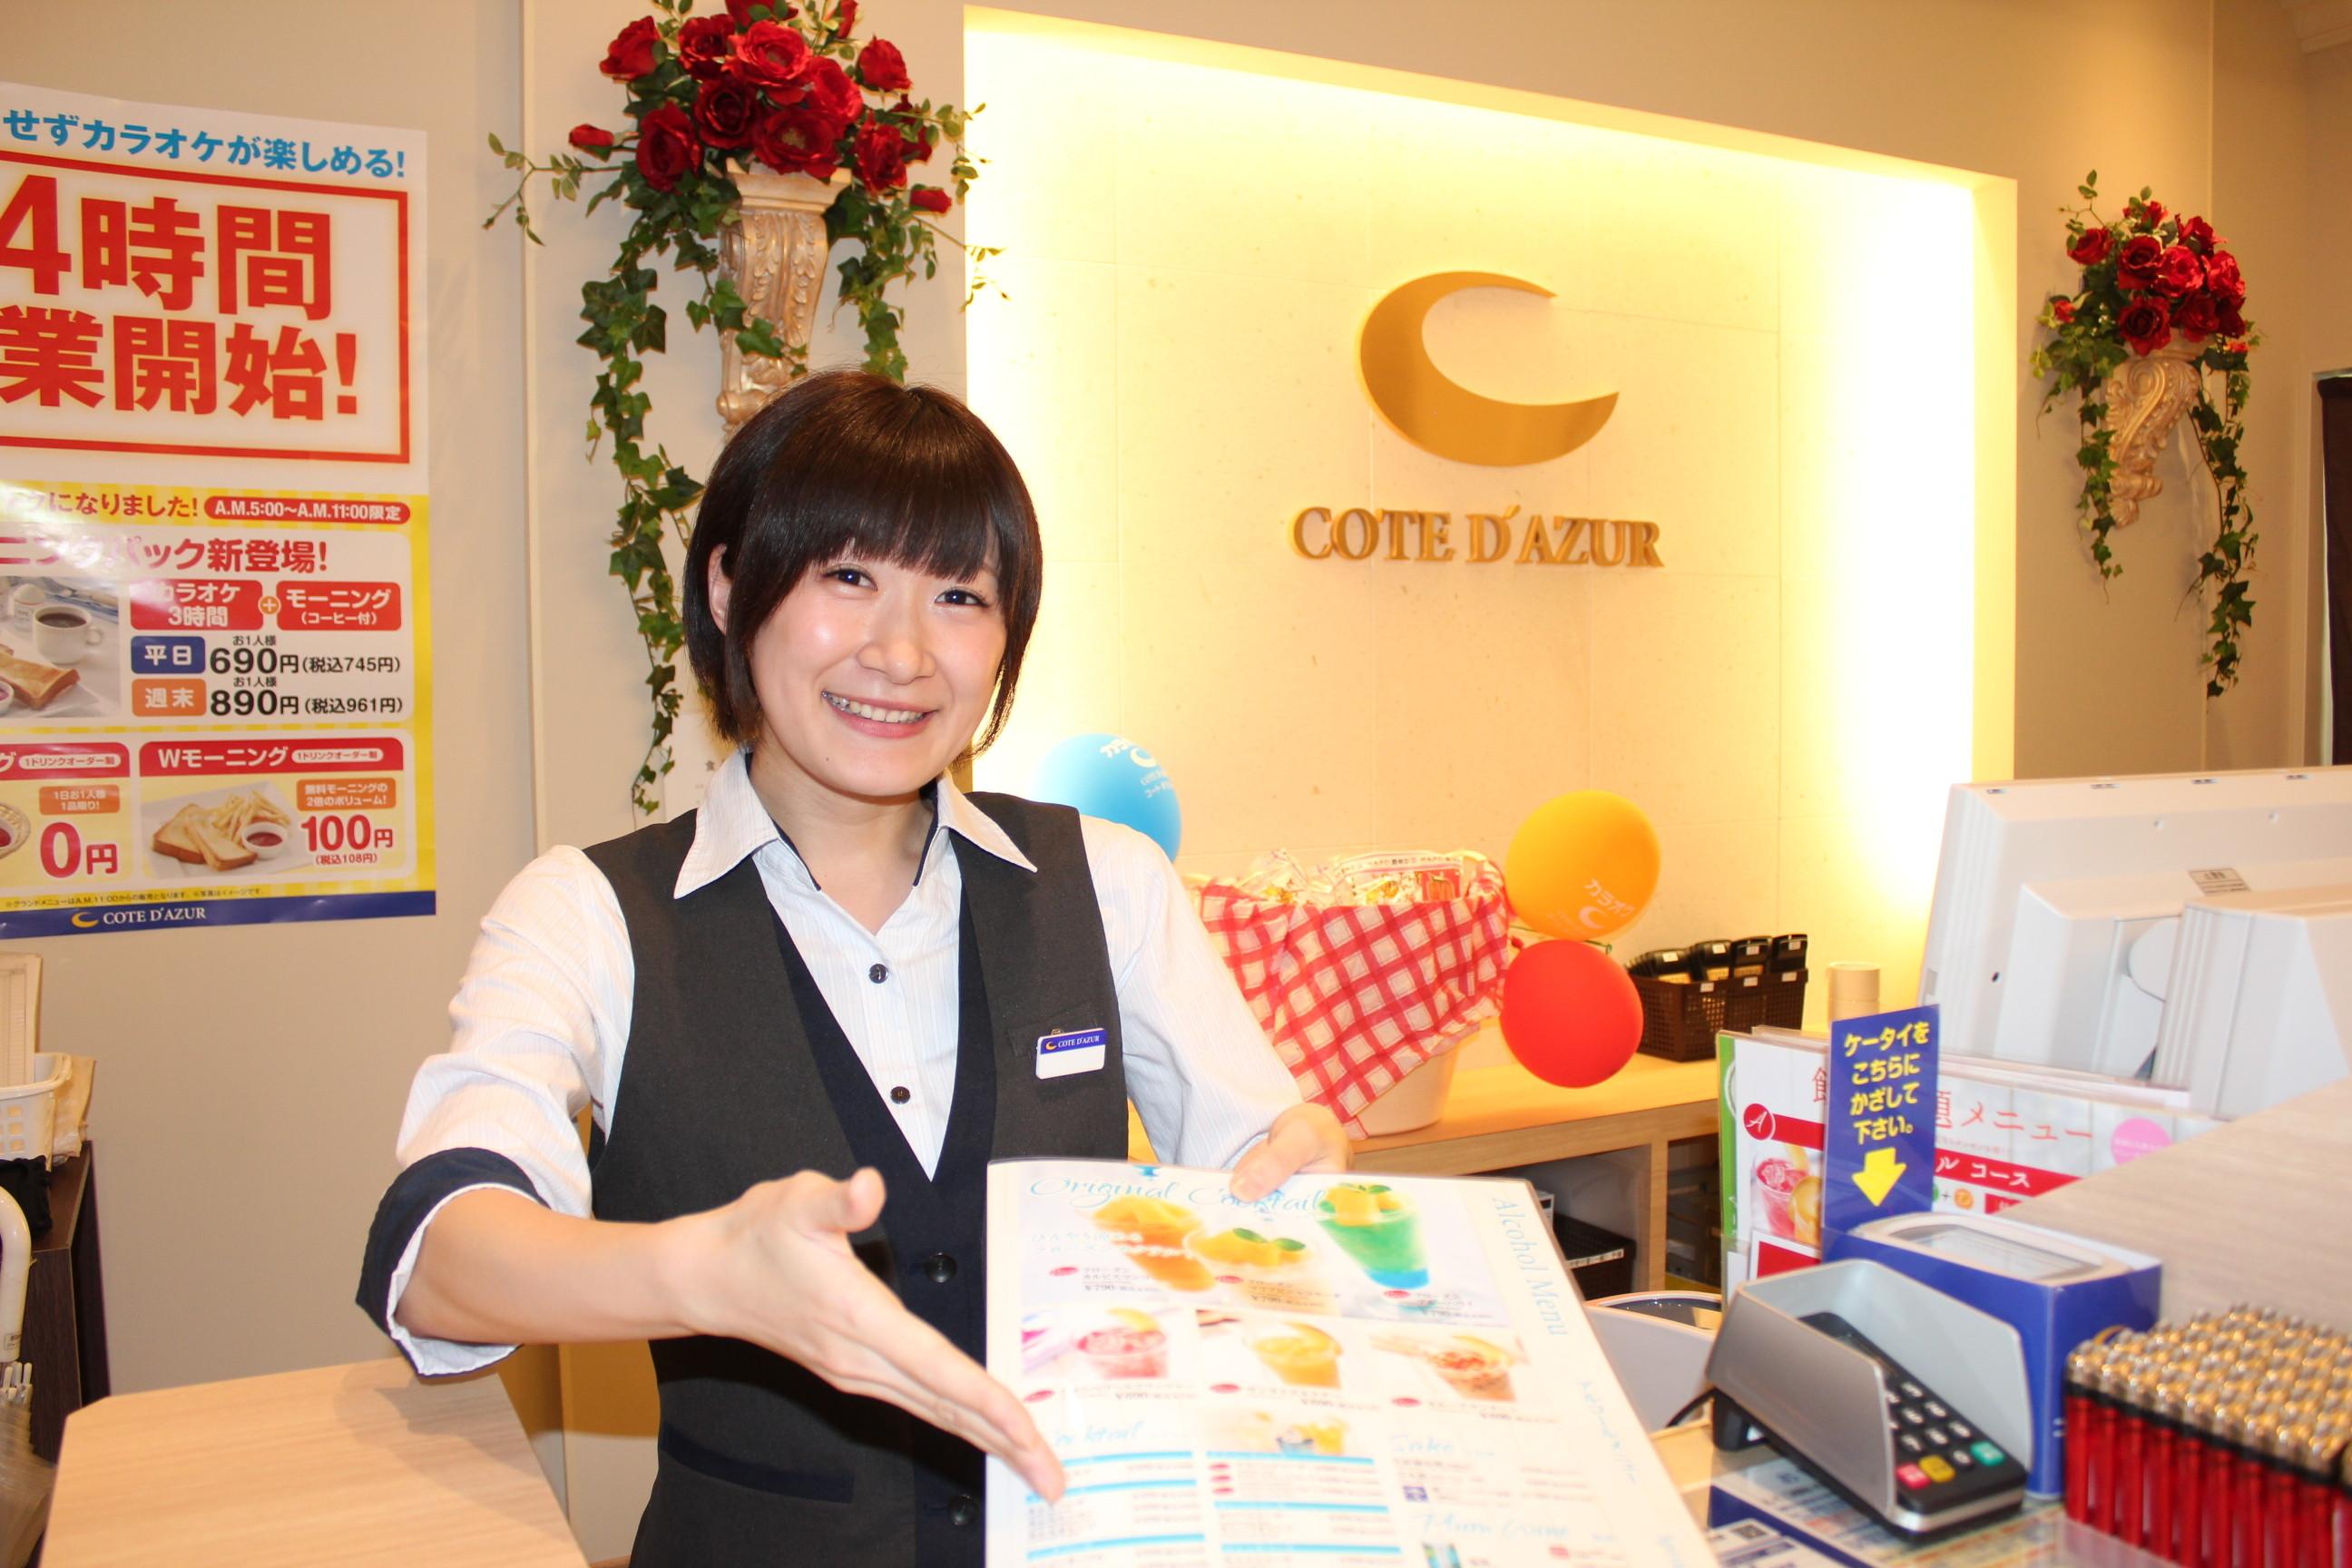 コート・ダジュール 川崎仲見世通り店 のアルバイト情報